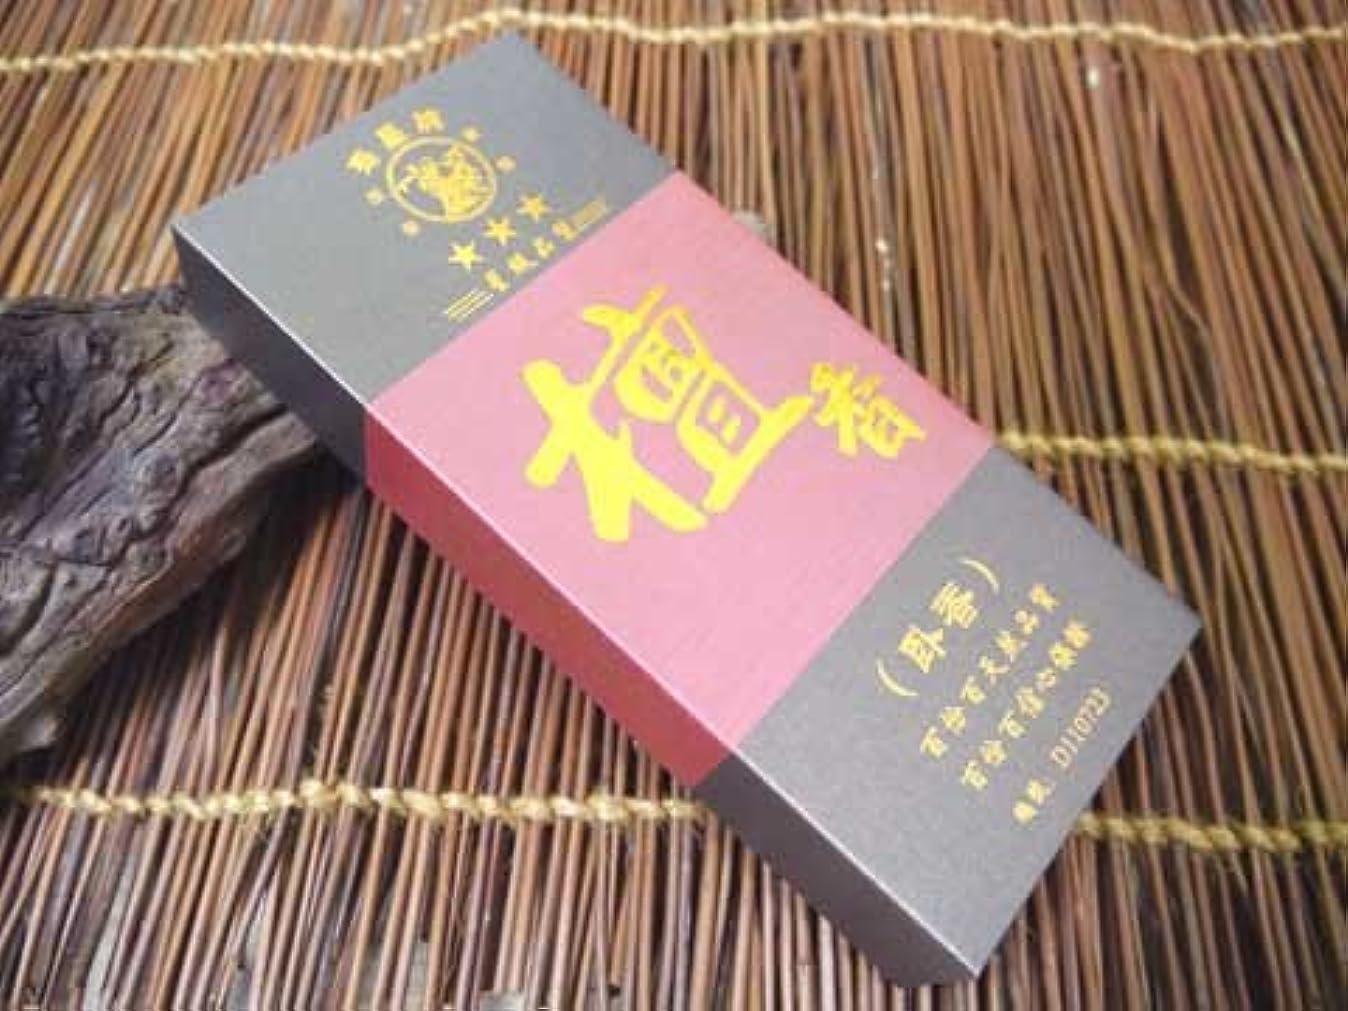 ボード人里離れたクライアント寿星牌 中国広州のお香【檀香】寿星牌謹製